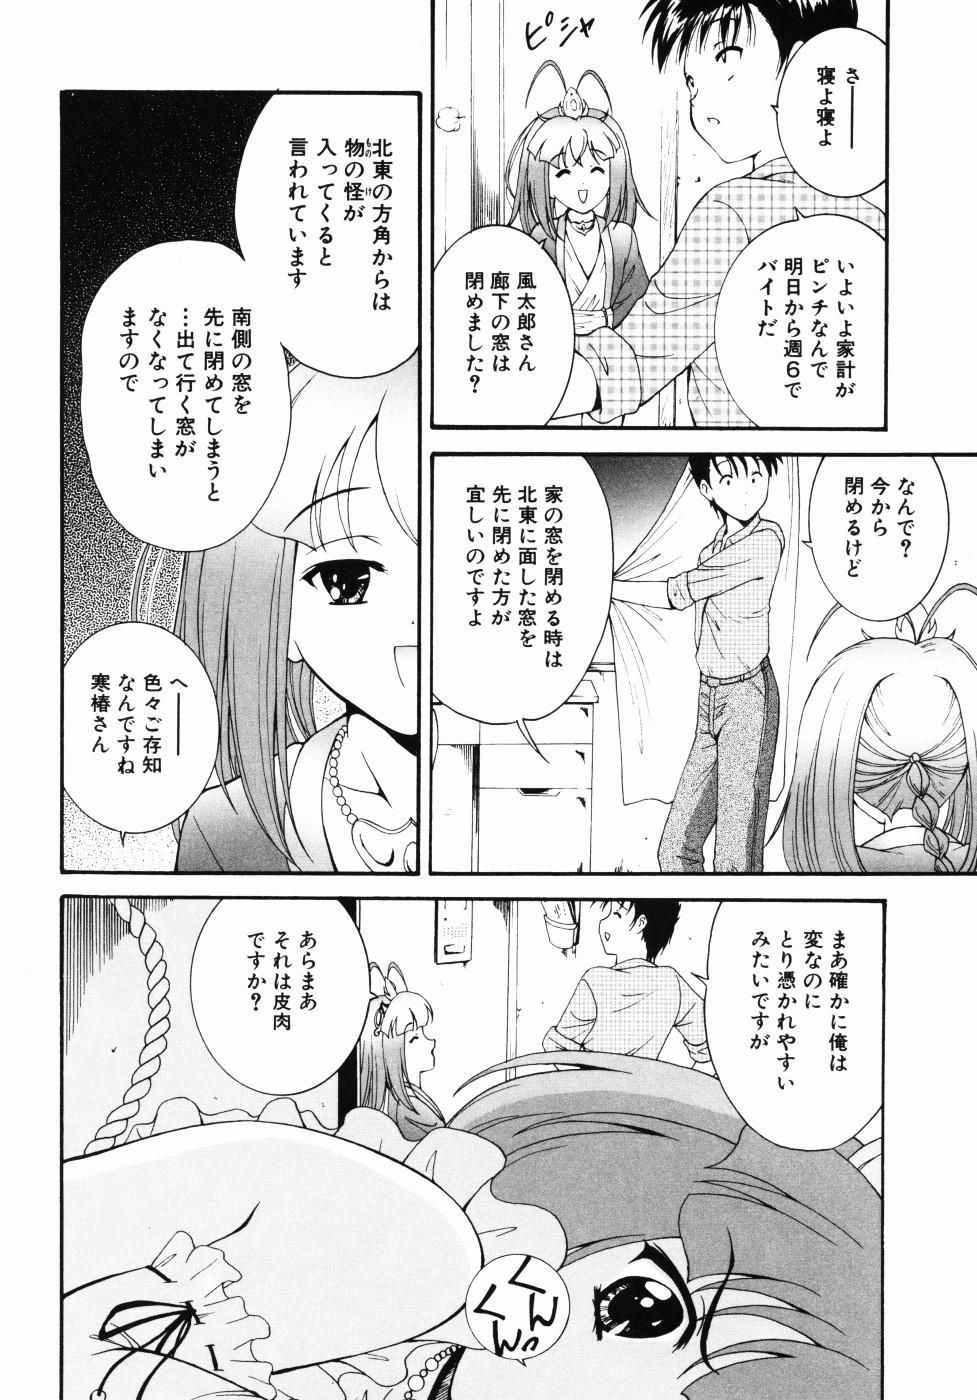 Daikyou Megami 124